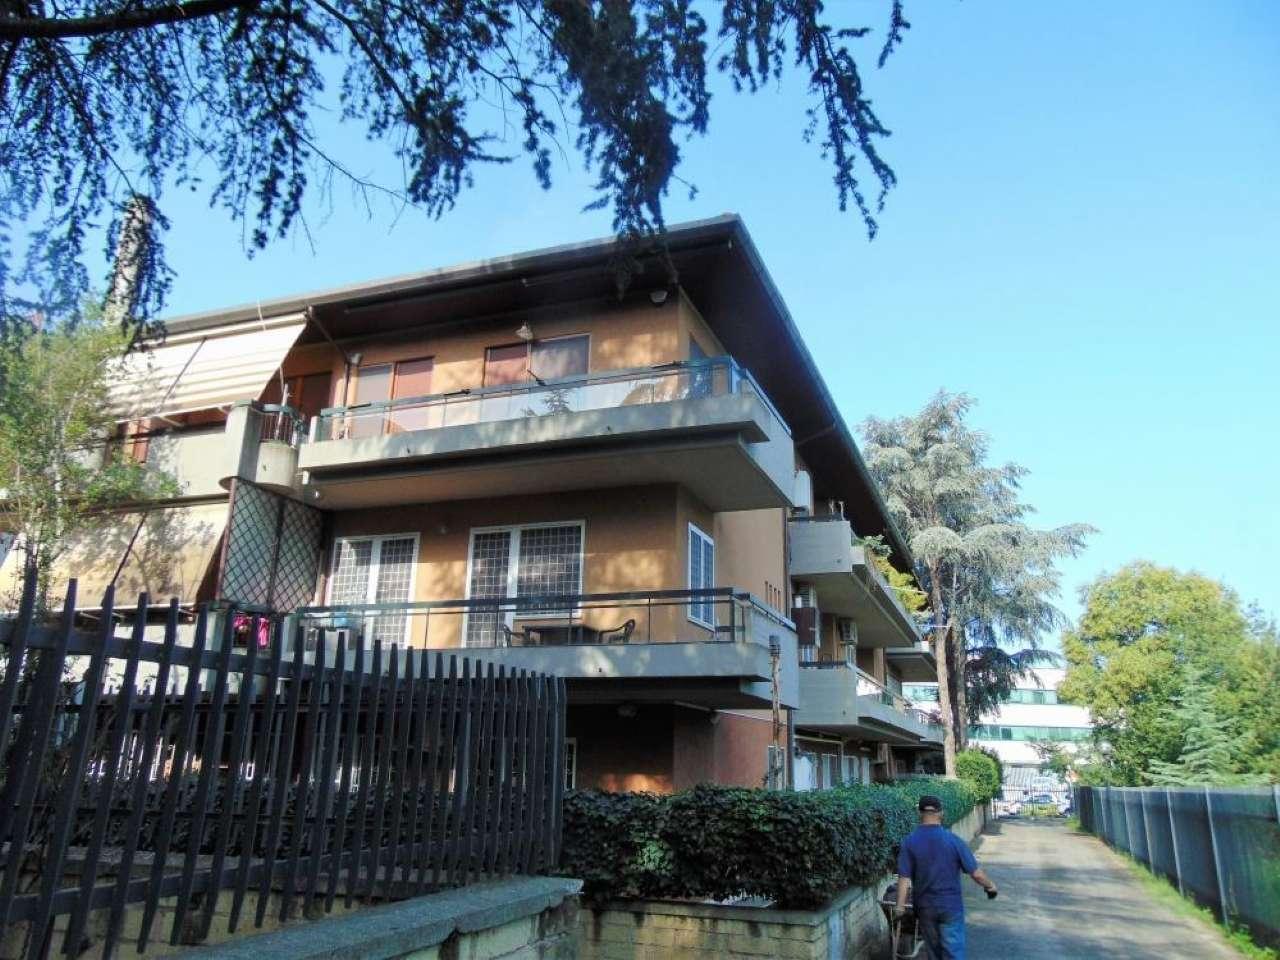 Roma Roma Vendita APPARTAMENTO » cerco appartamento da affittare a torino